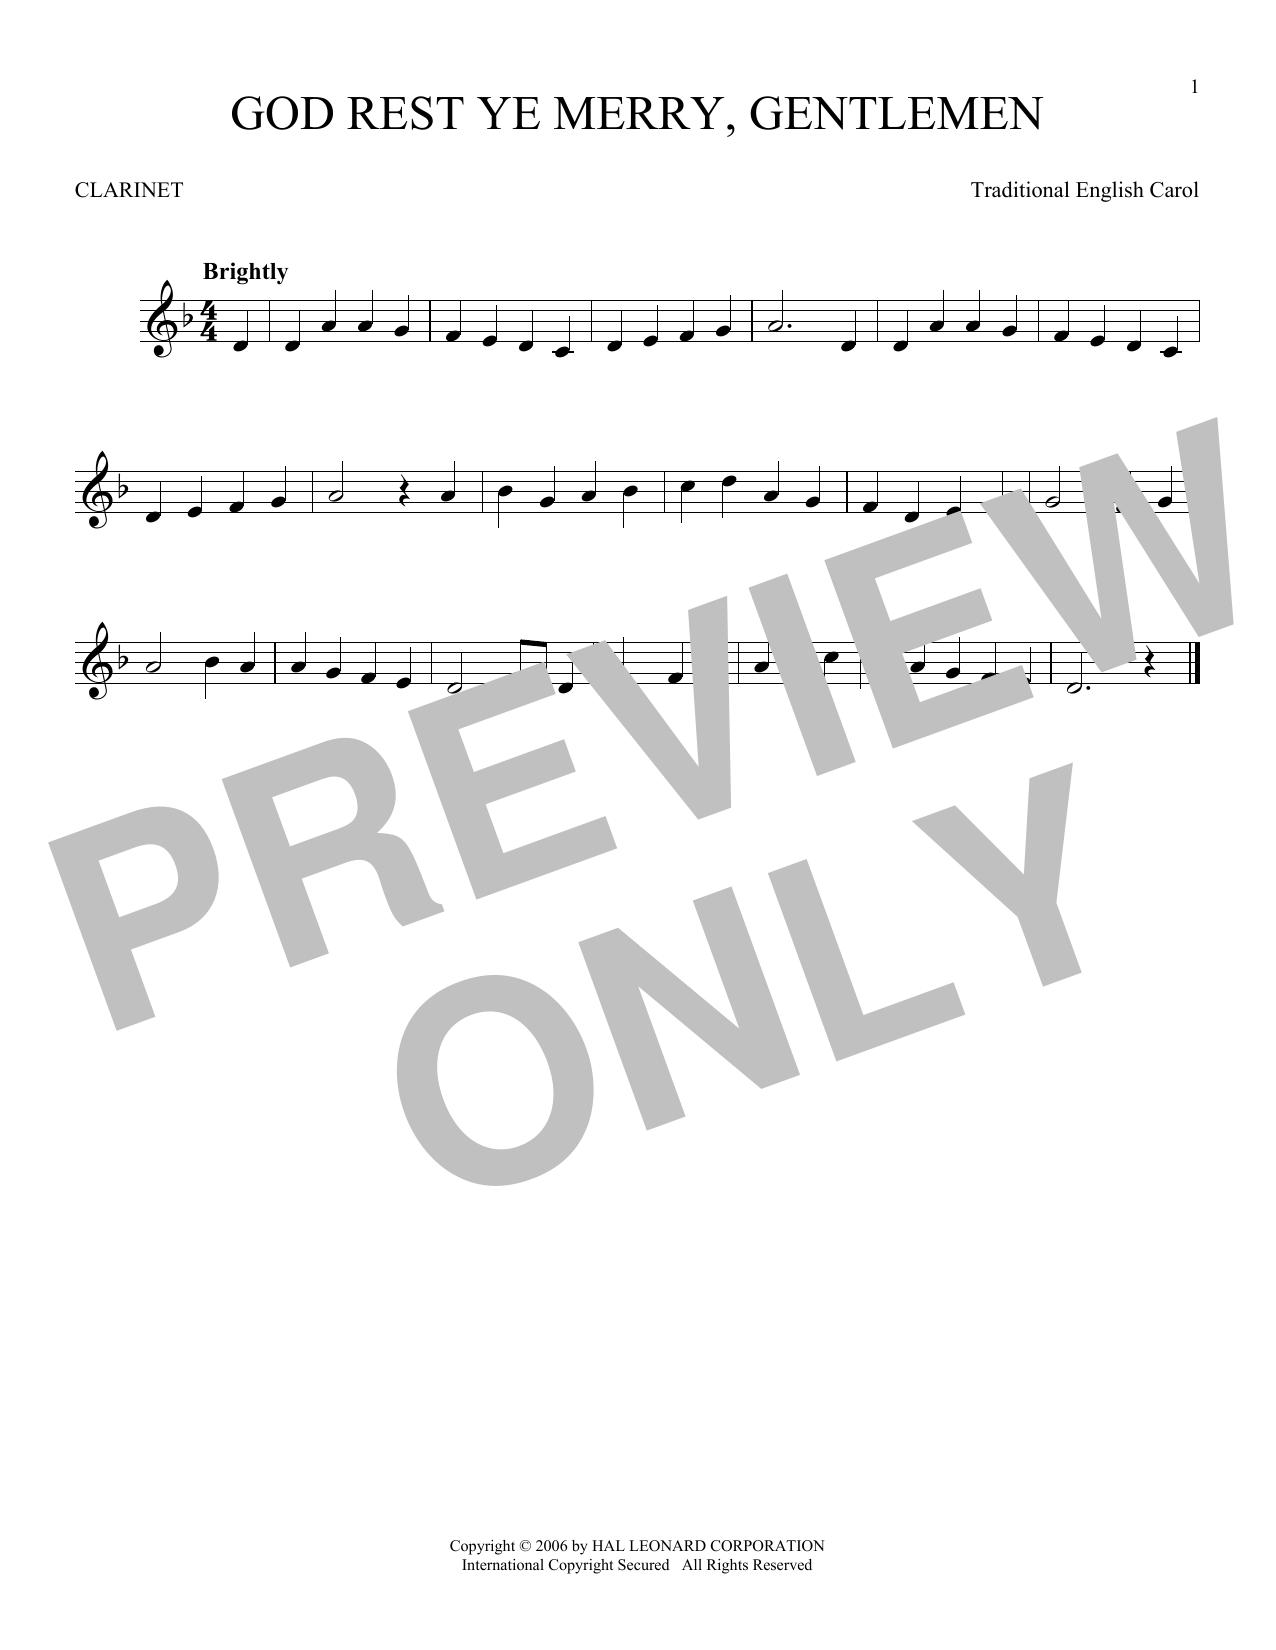 God Rest Ye Merry, Gentlemen (Clarinet Solo)